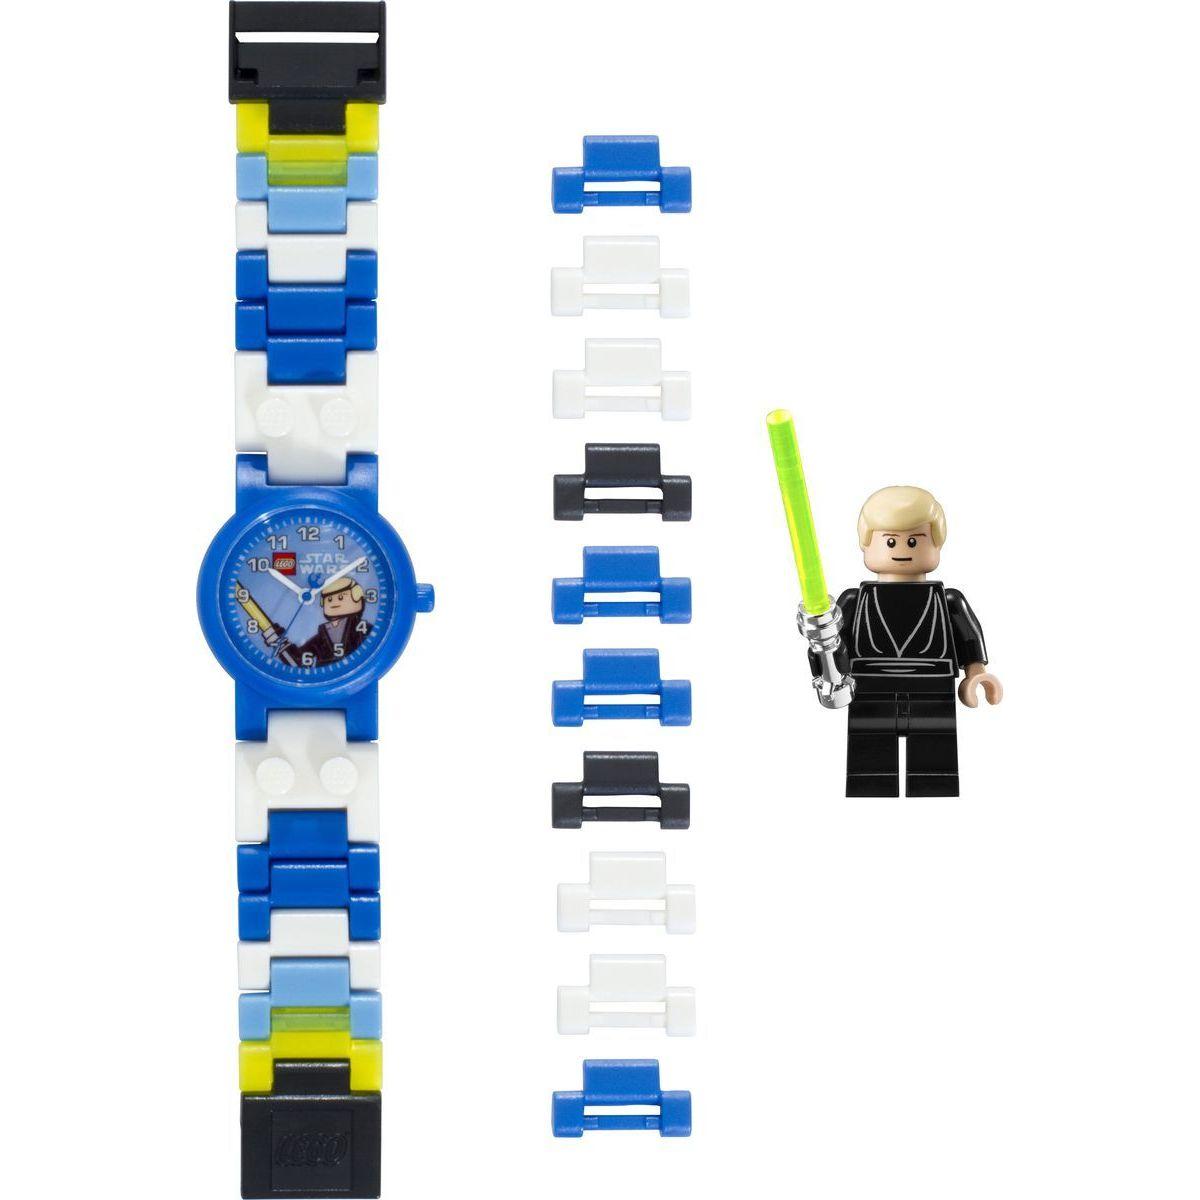 LEGO Star Wars Luke Skywalker Hodinky s minifigurkou